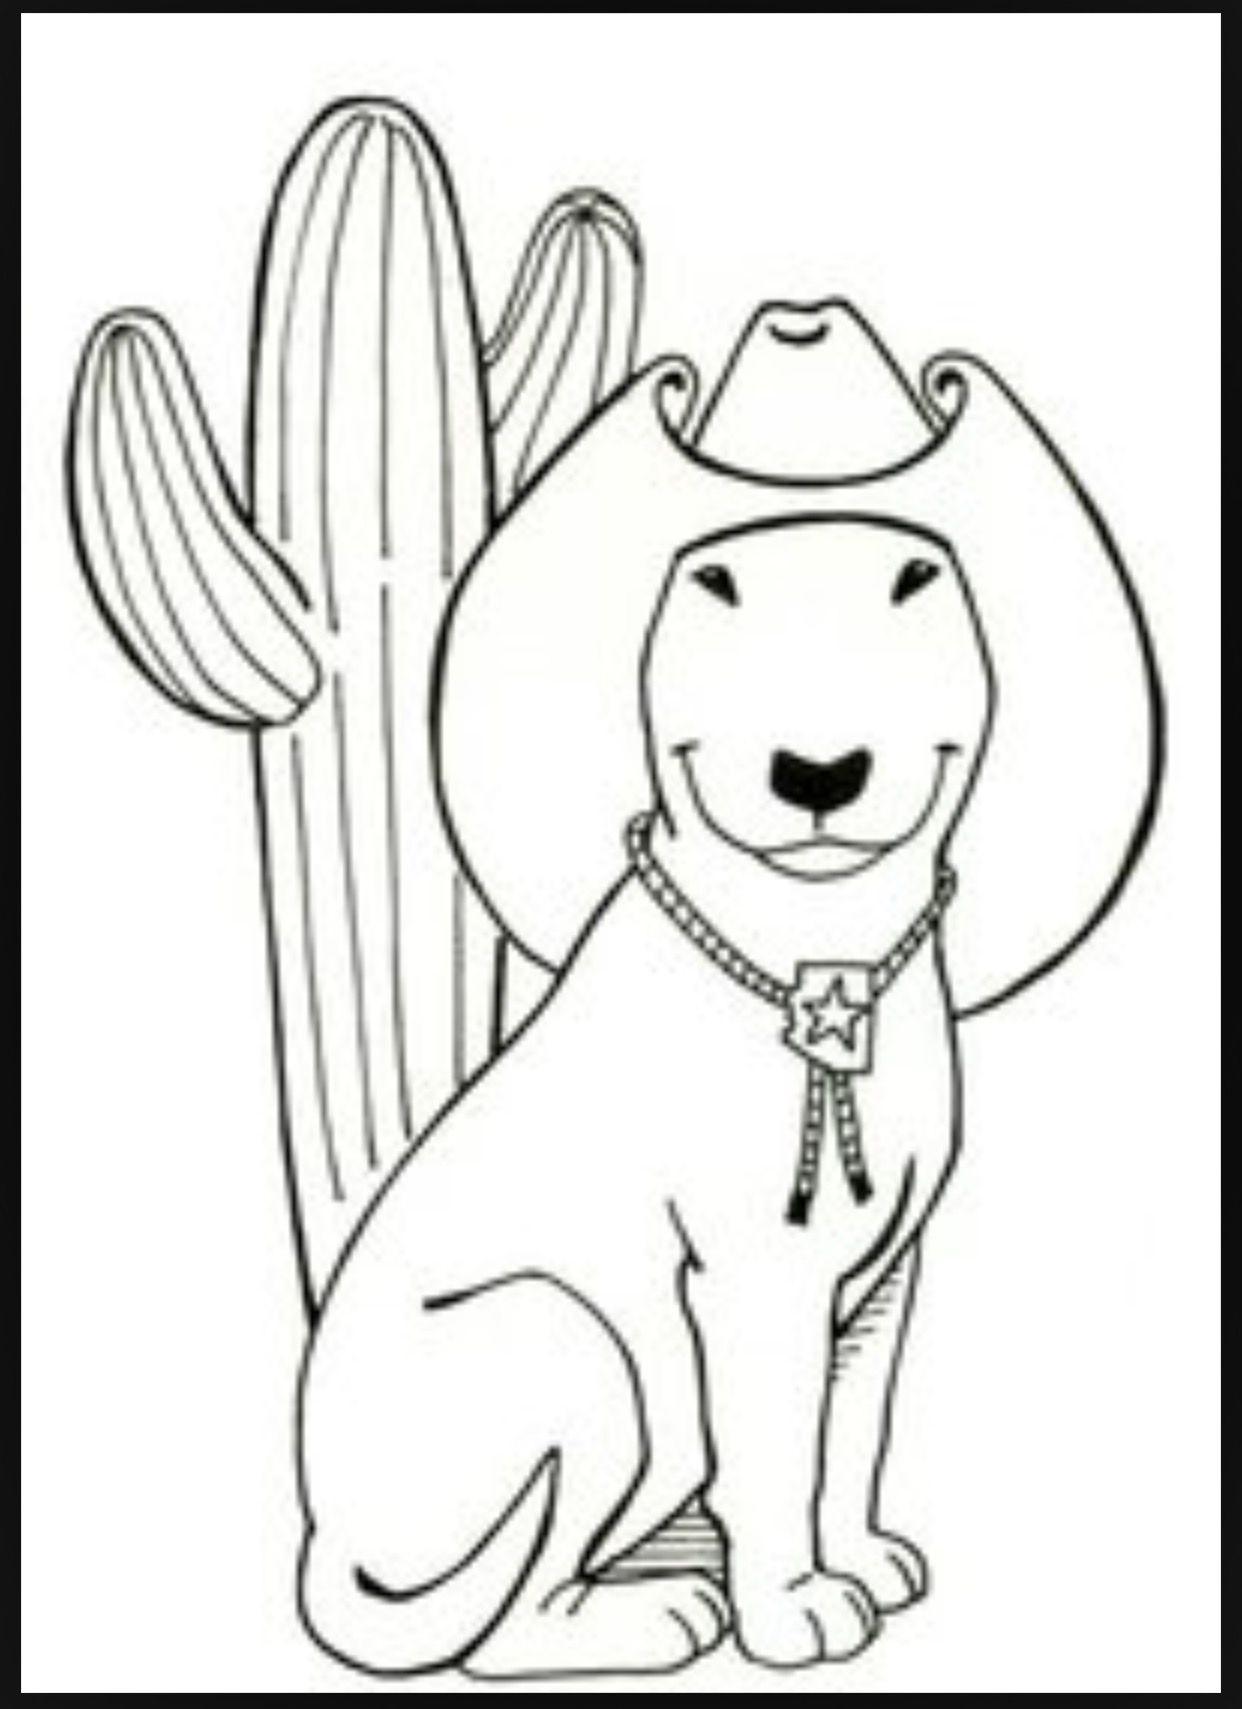 Texan Bull Terrier Bull Terrier Art English Bull Terriers Bull Terrier